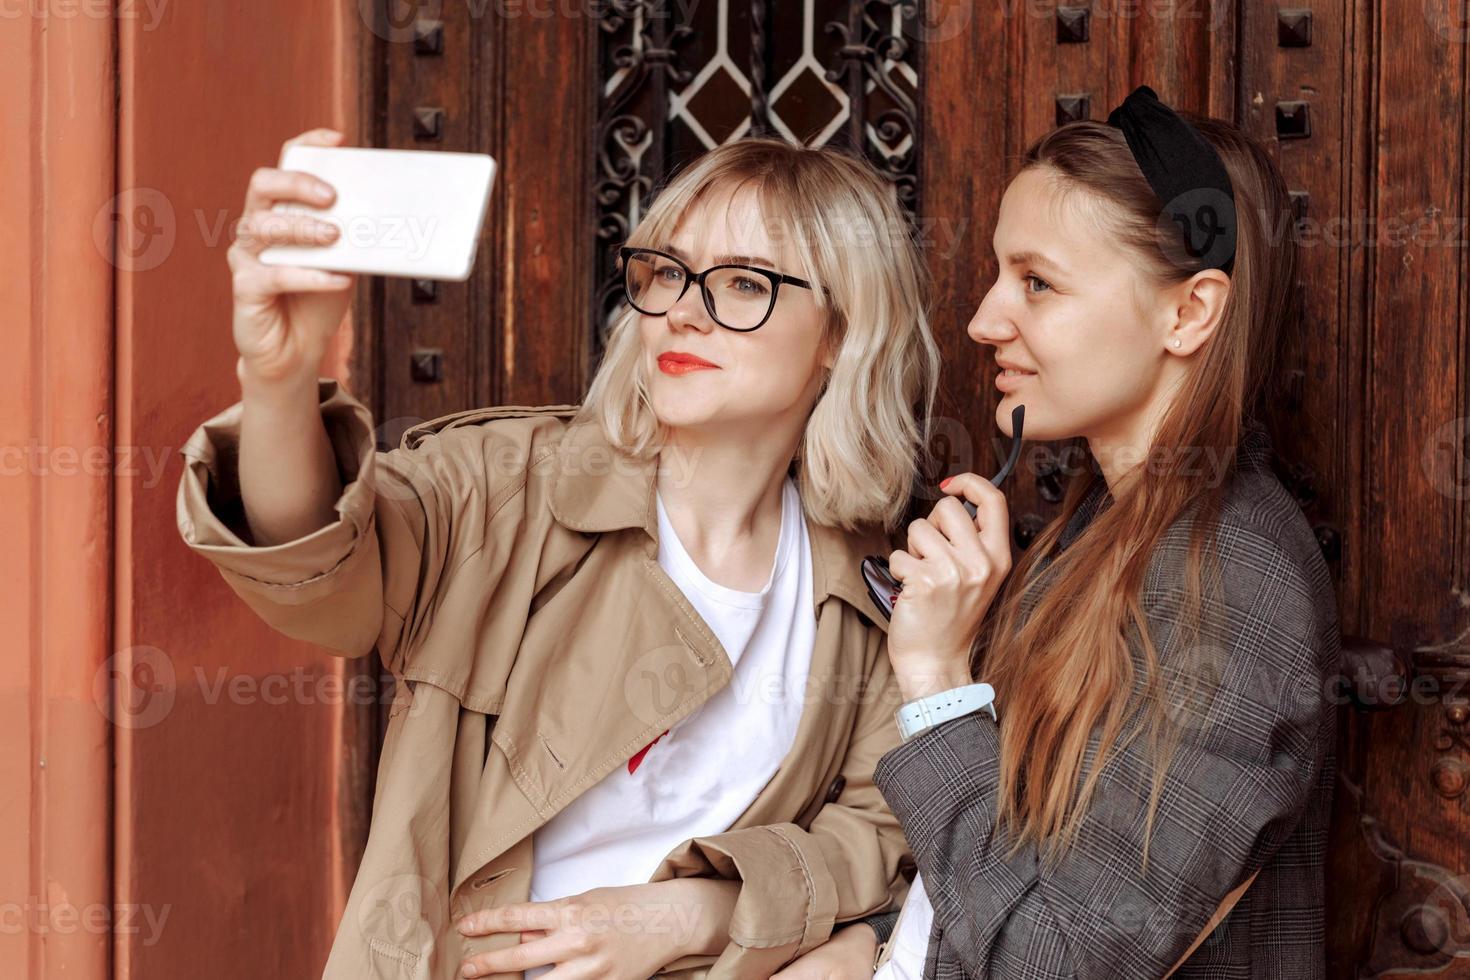 junge Mädchen machen Selfies am Telefon. Selfie-Fotos für